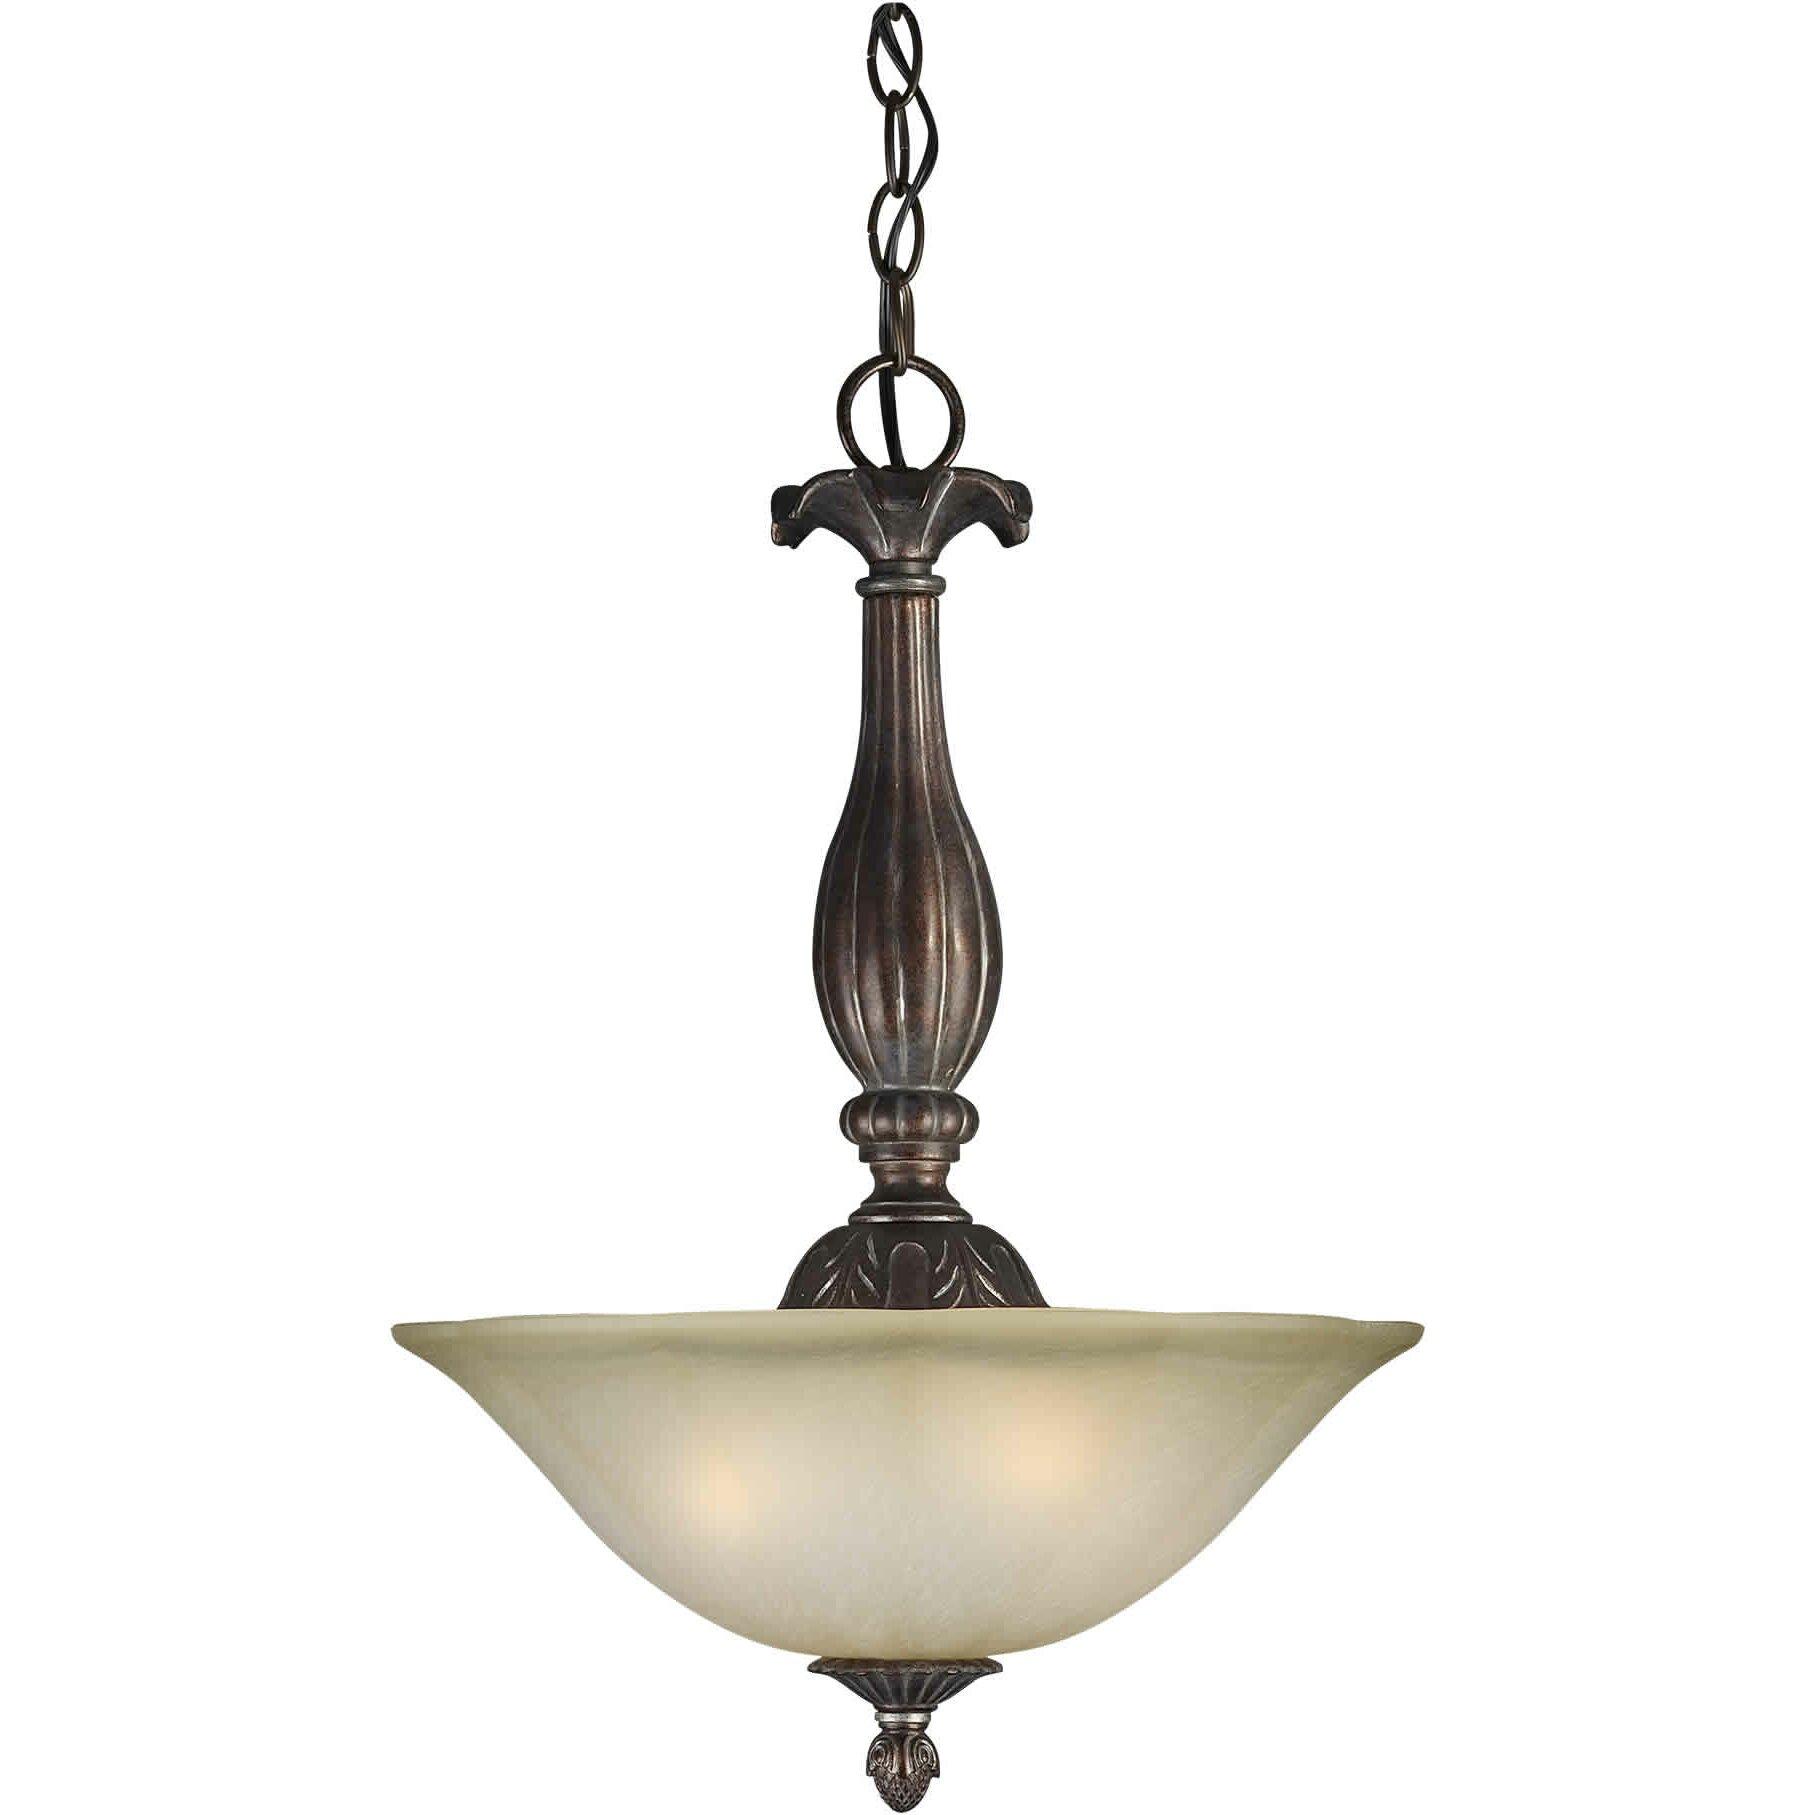 lighting ceiling lights bowl or inverted pendants forte lighting. Black Bedroom Furniture Sets. Home Design Ideas